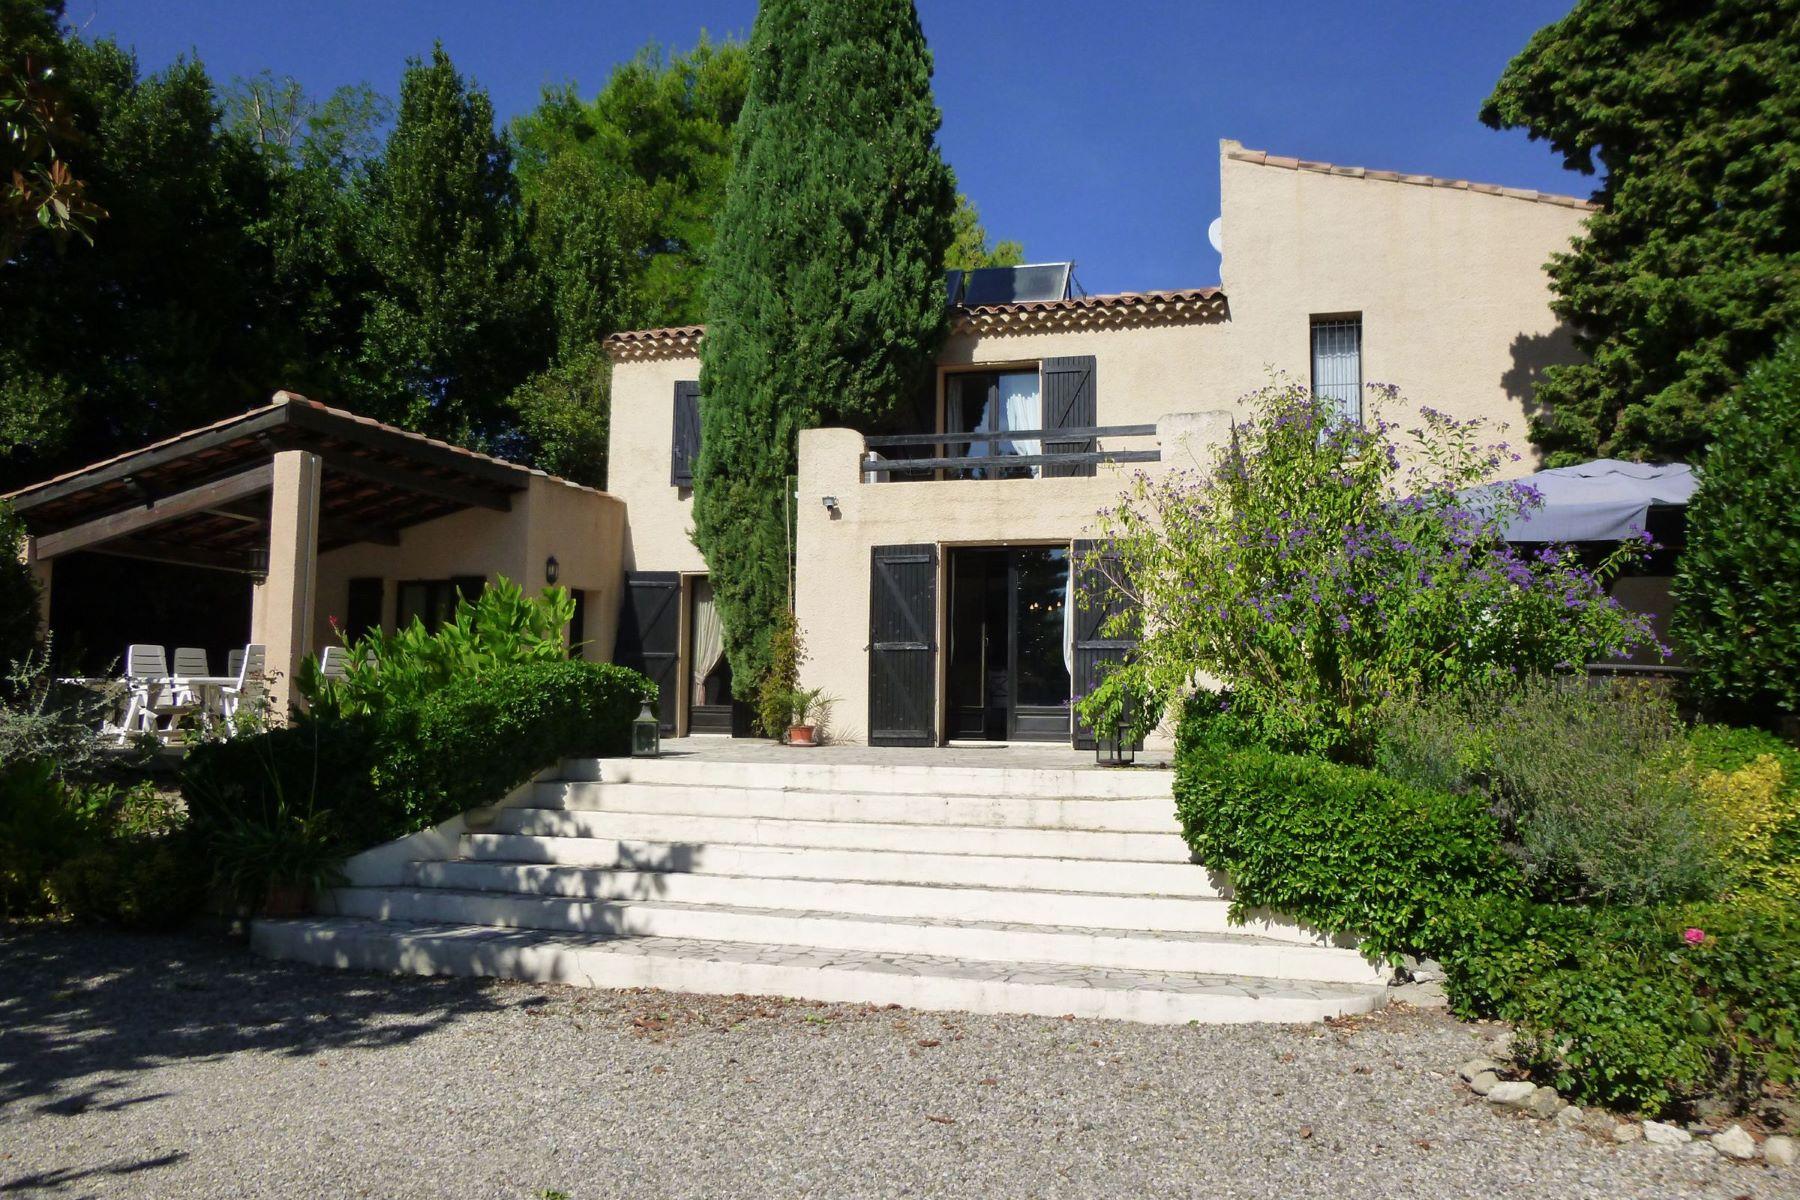 独户住宅 为 销售 在 Belle propriété Cruzy, 格朗多克鲁西永, 34310 法国